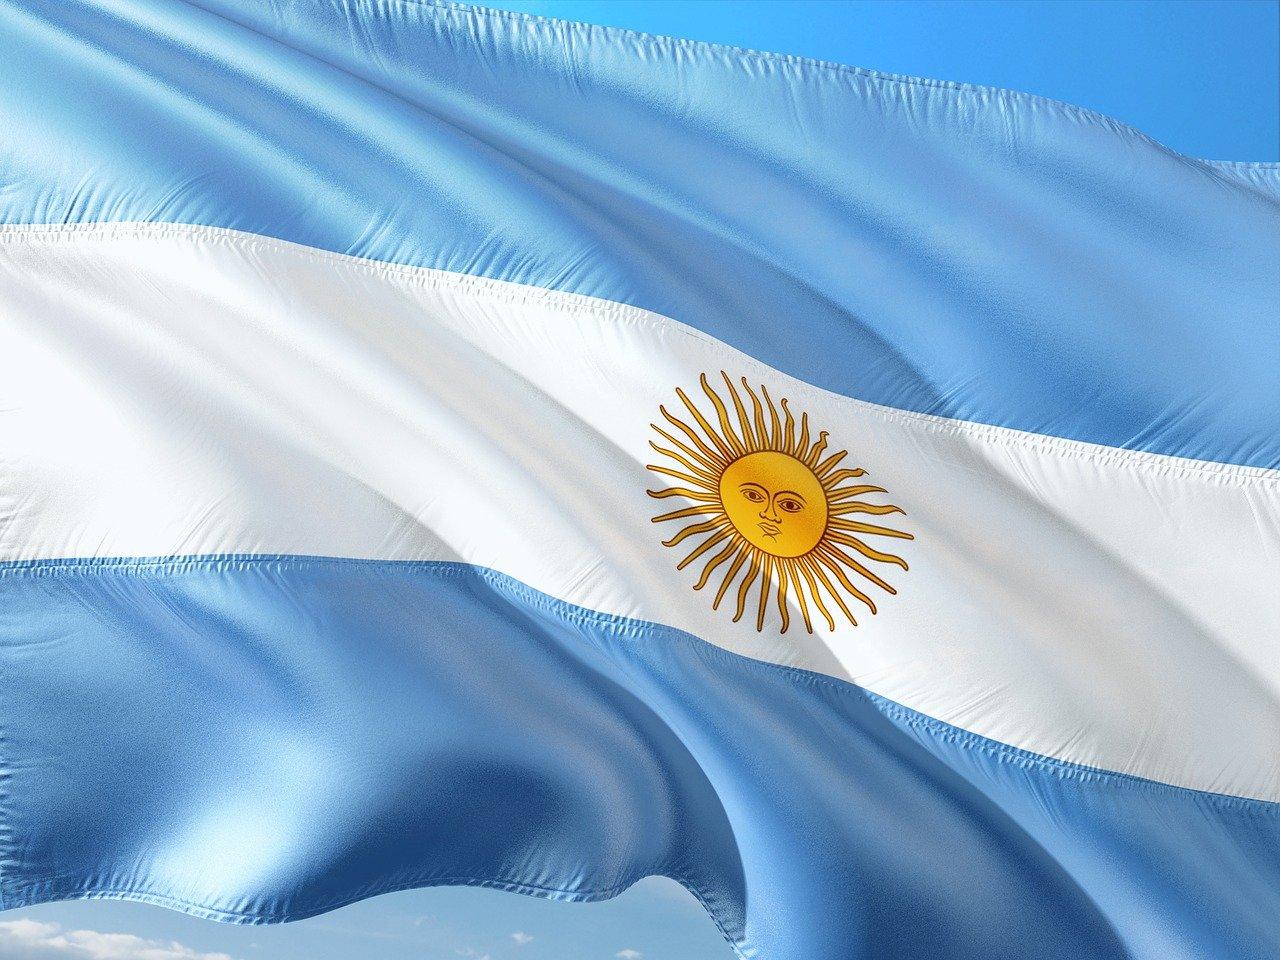 bandeira argentina azul e branca movendo-se com o vento